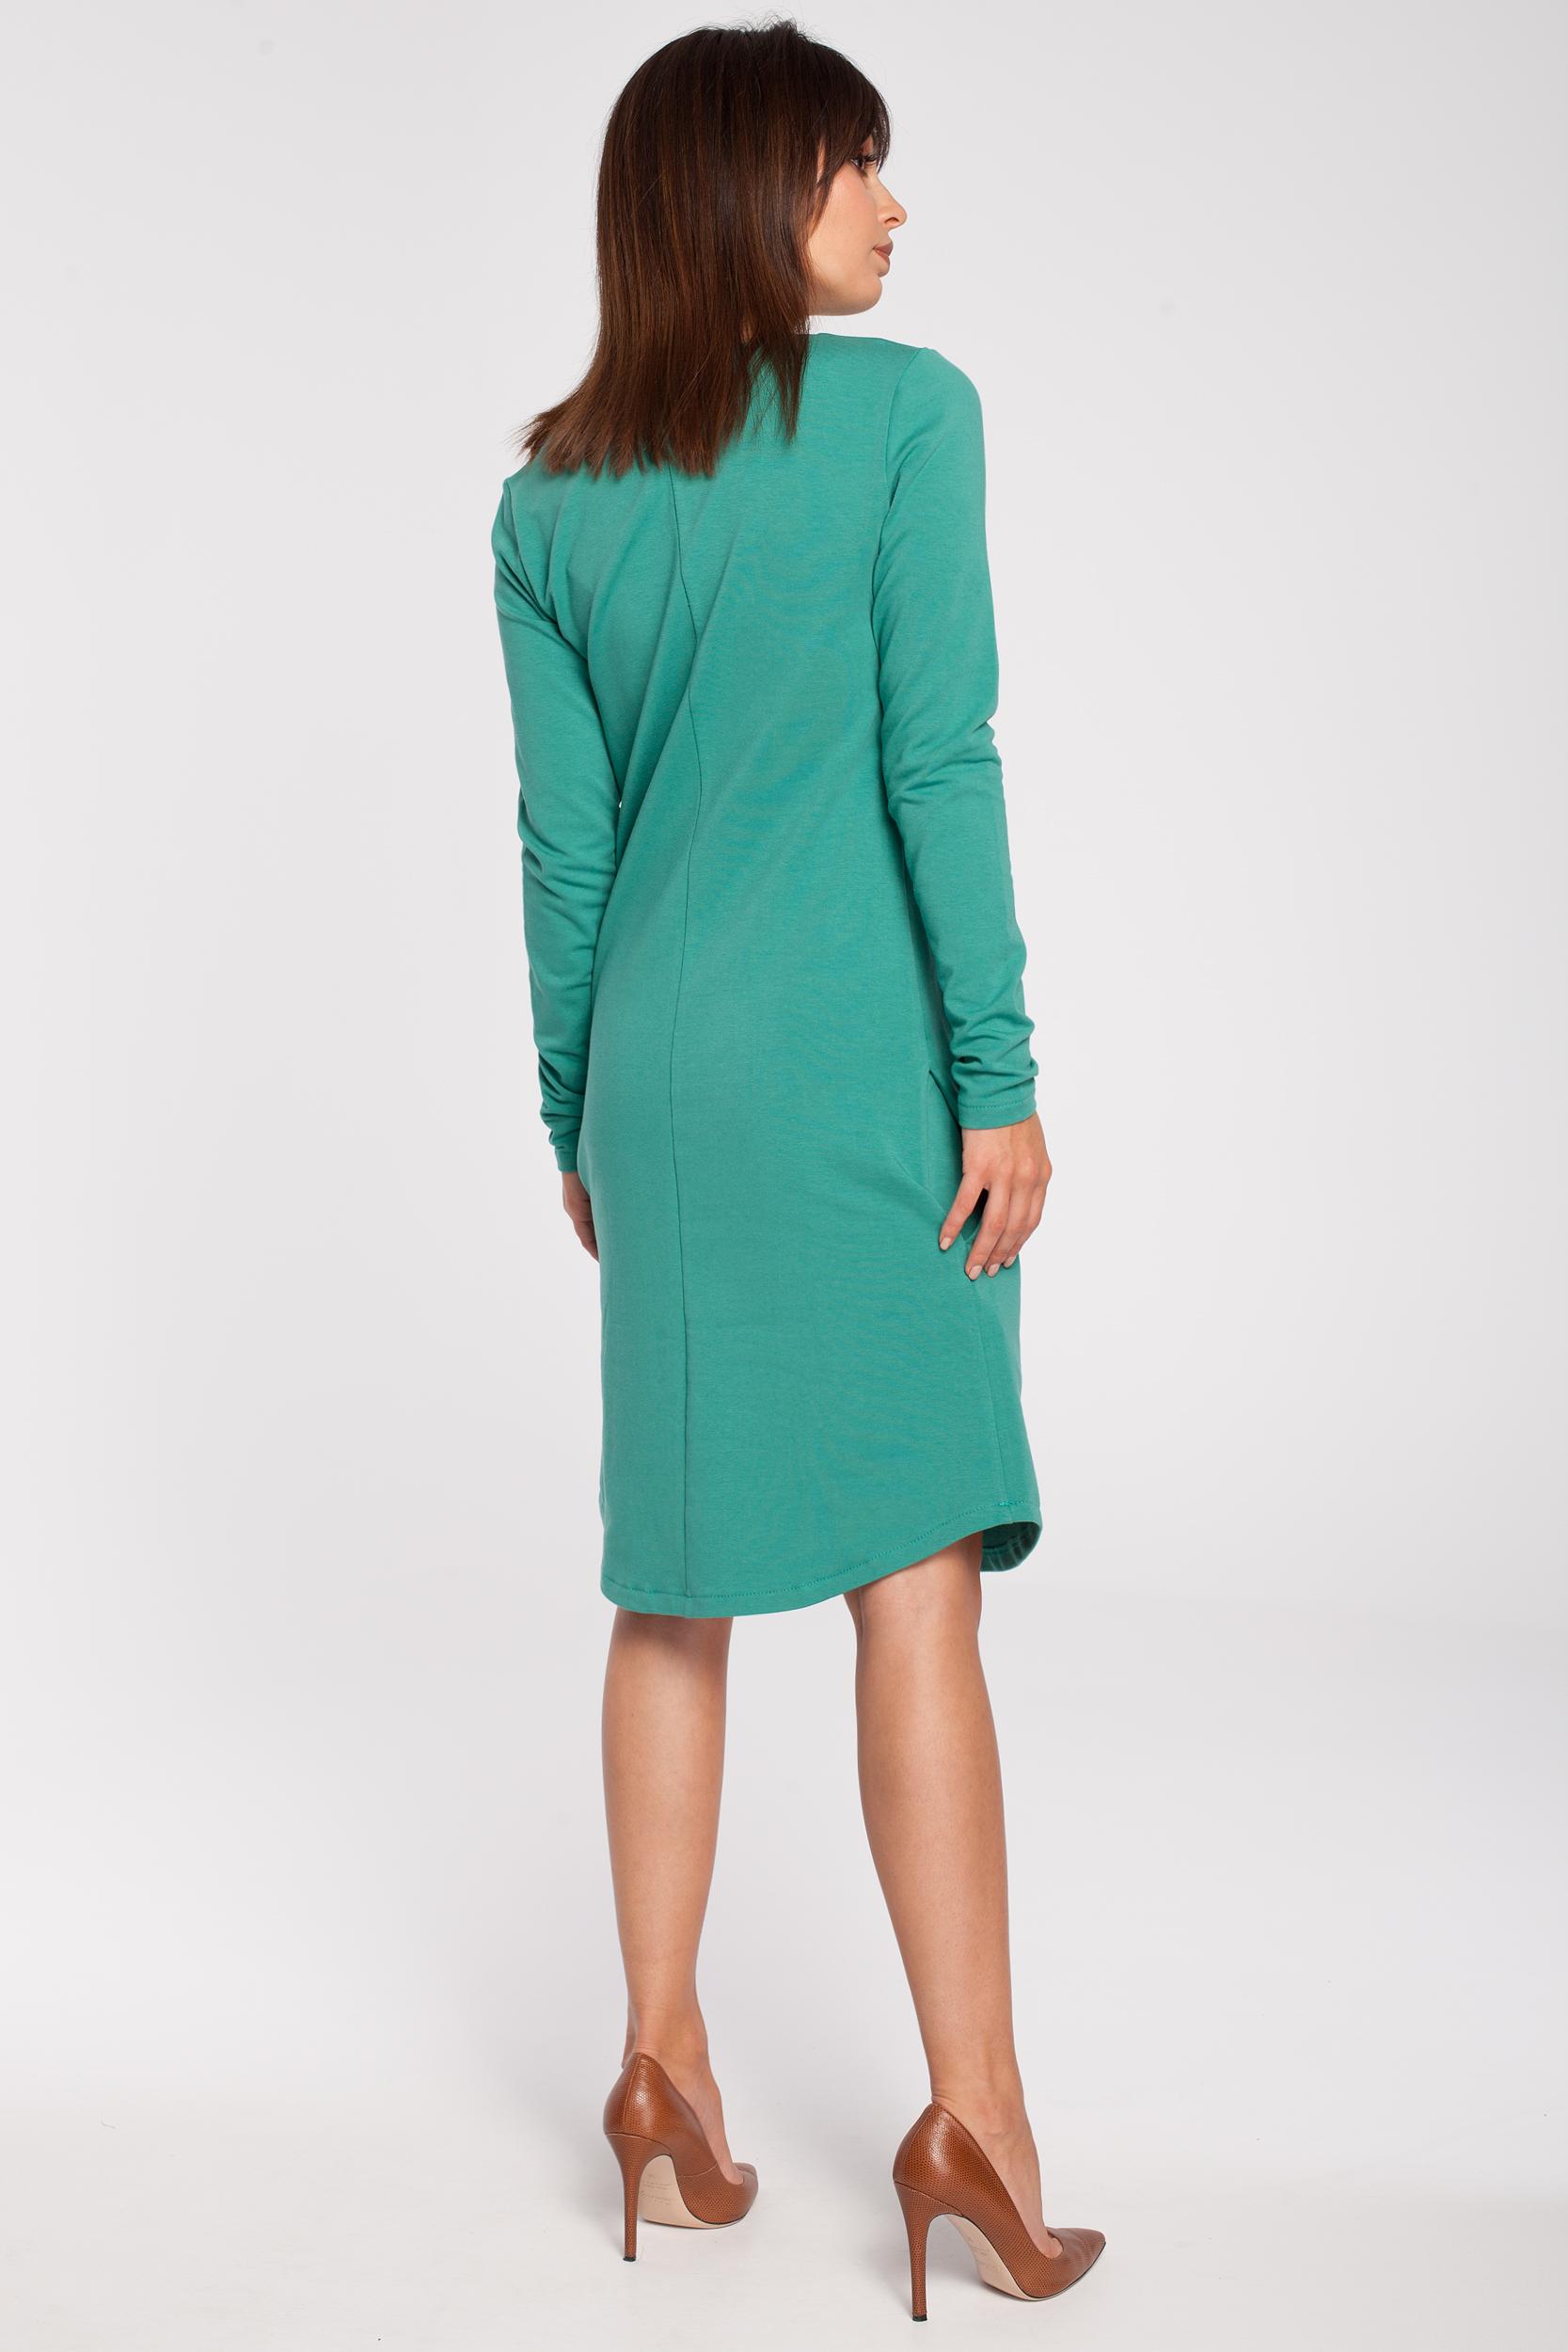 CM2869 Klasyczna sukienka z rozcięciem na dekolcie - zielona